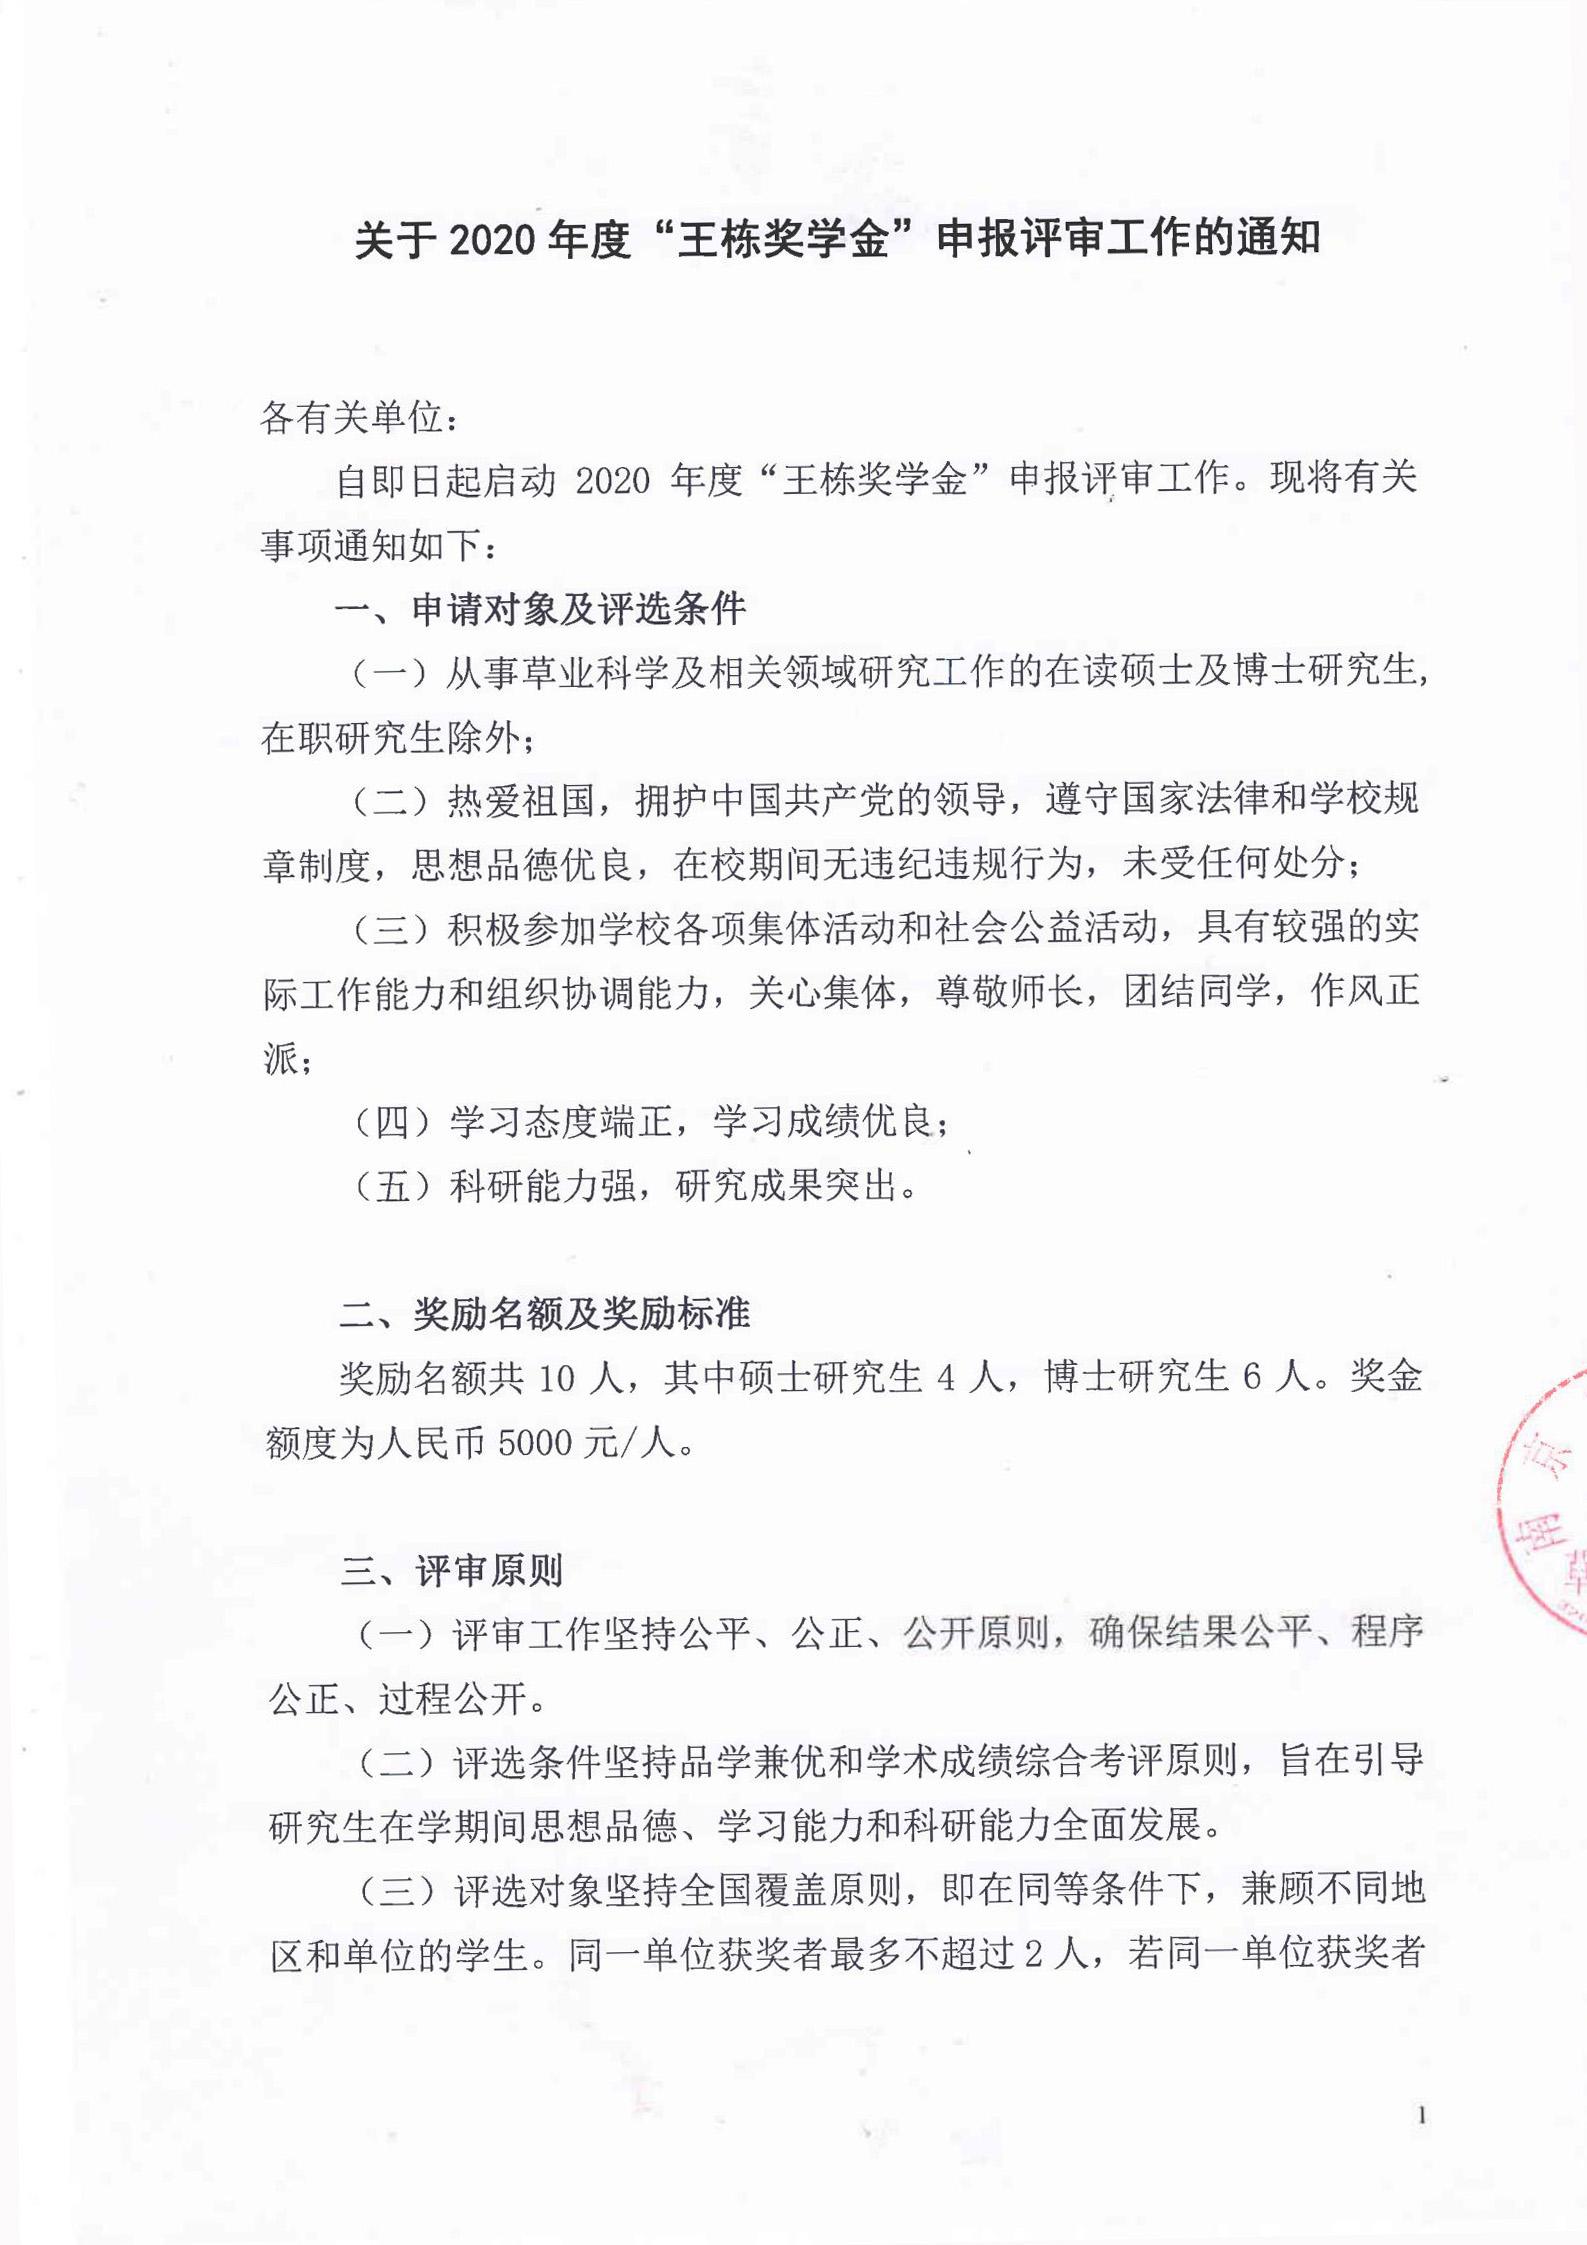 """关于2020年度""""王栋奖学金""""申报评审工作的通知(合并完整版)_00 拷贝.jpg"""